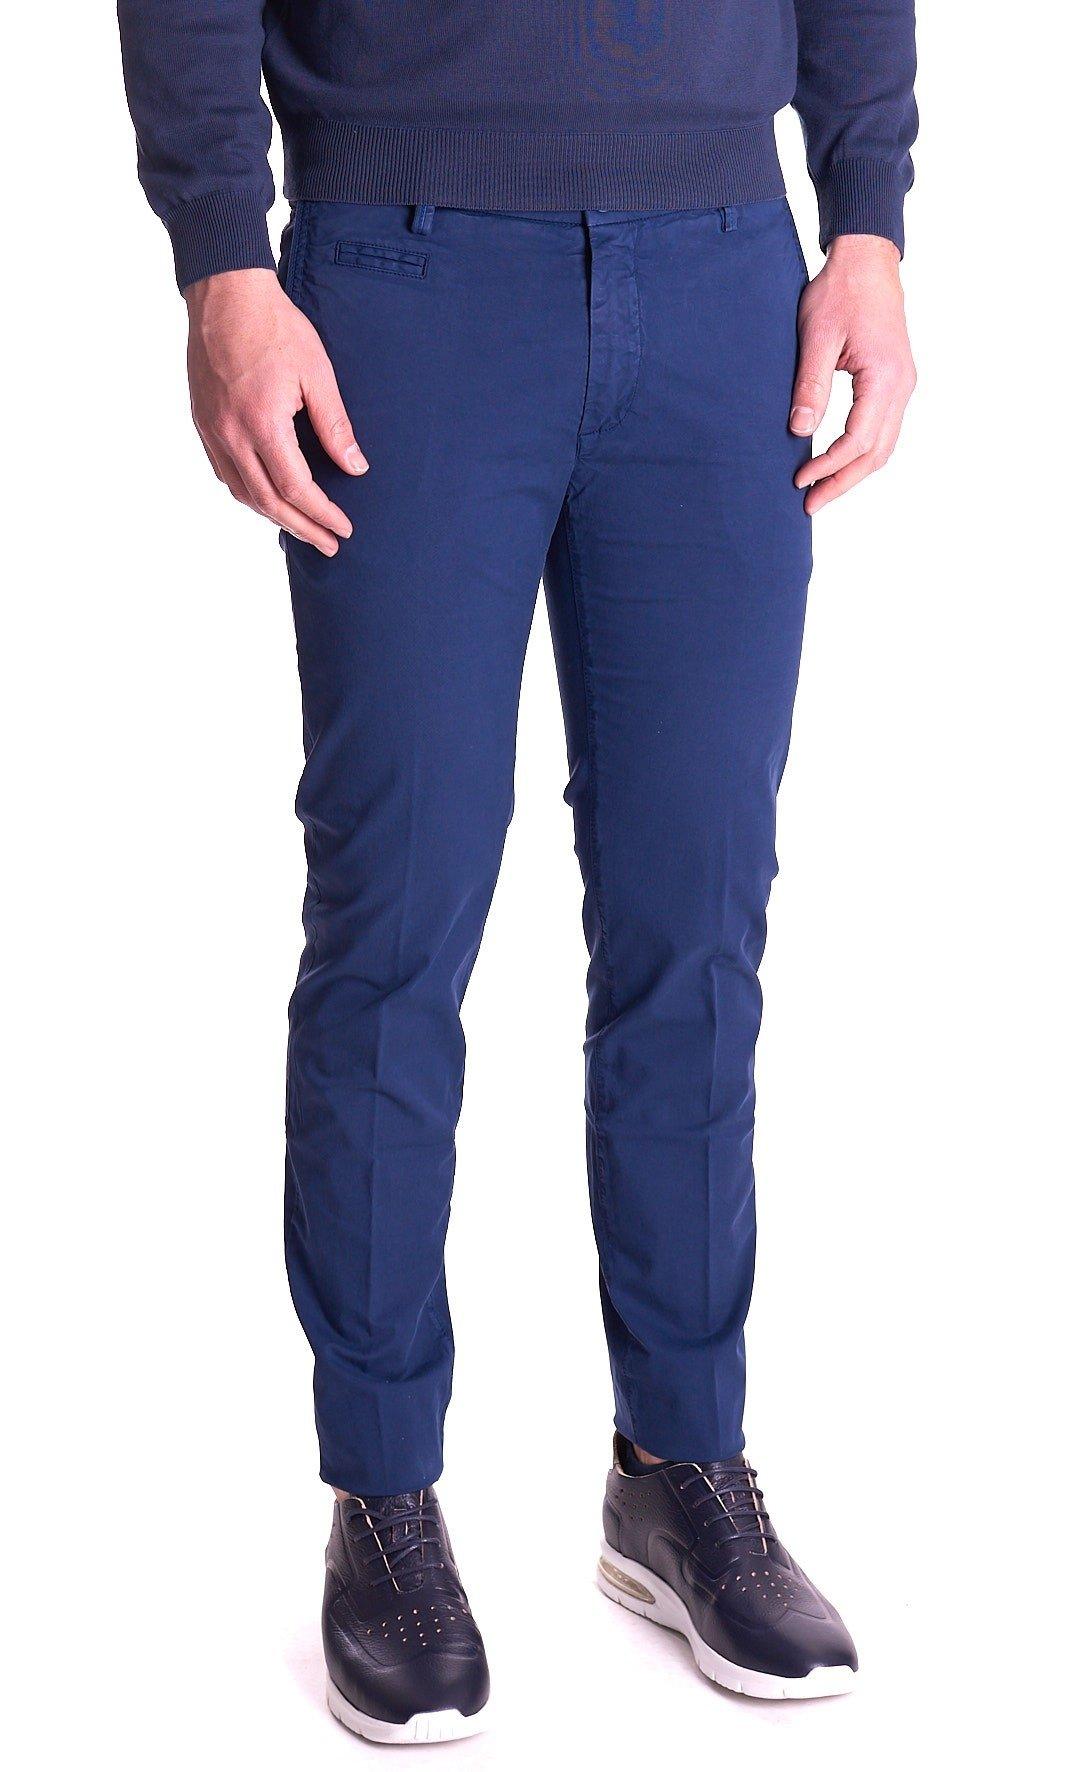 Pantalone RE HASH da uomo modello mucha super leggero P037 2334